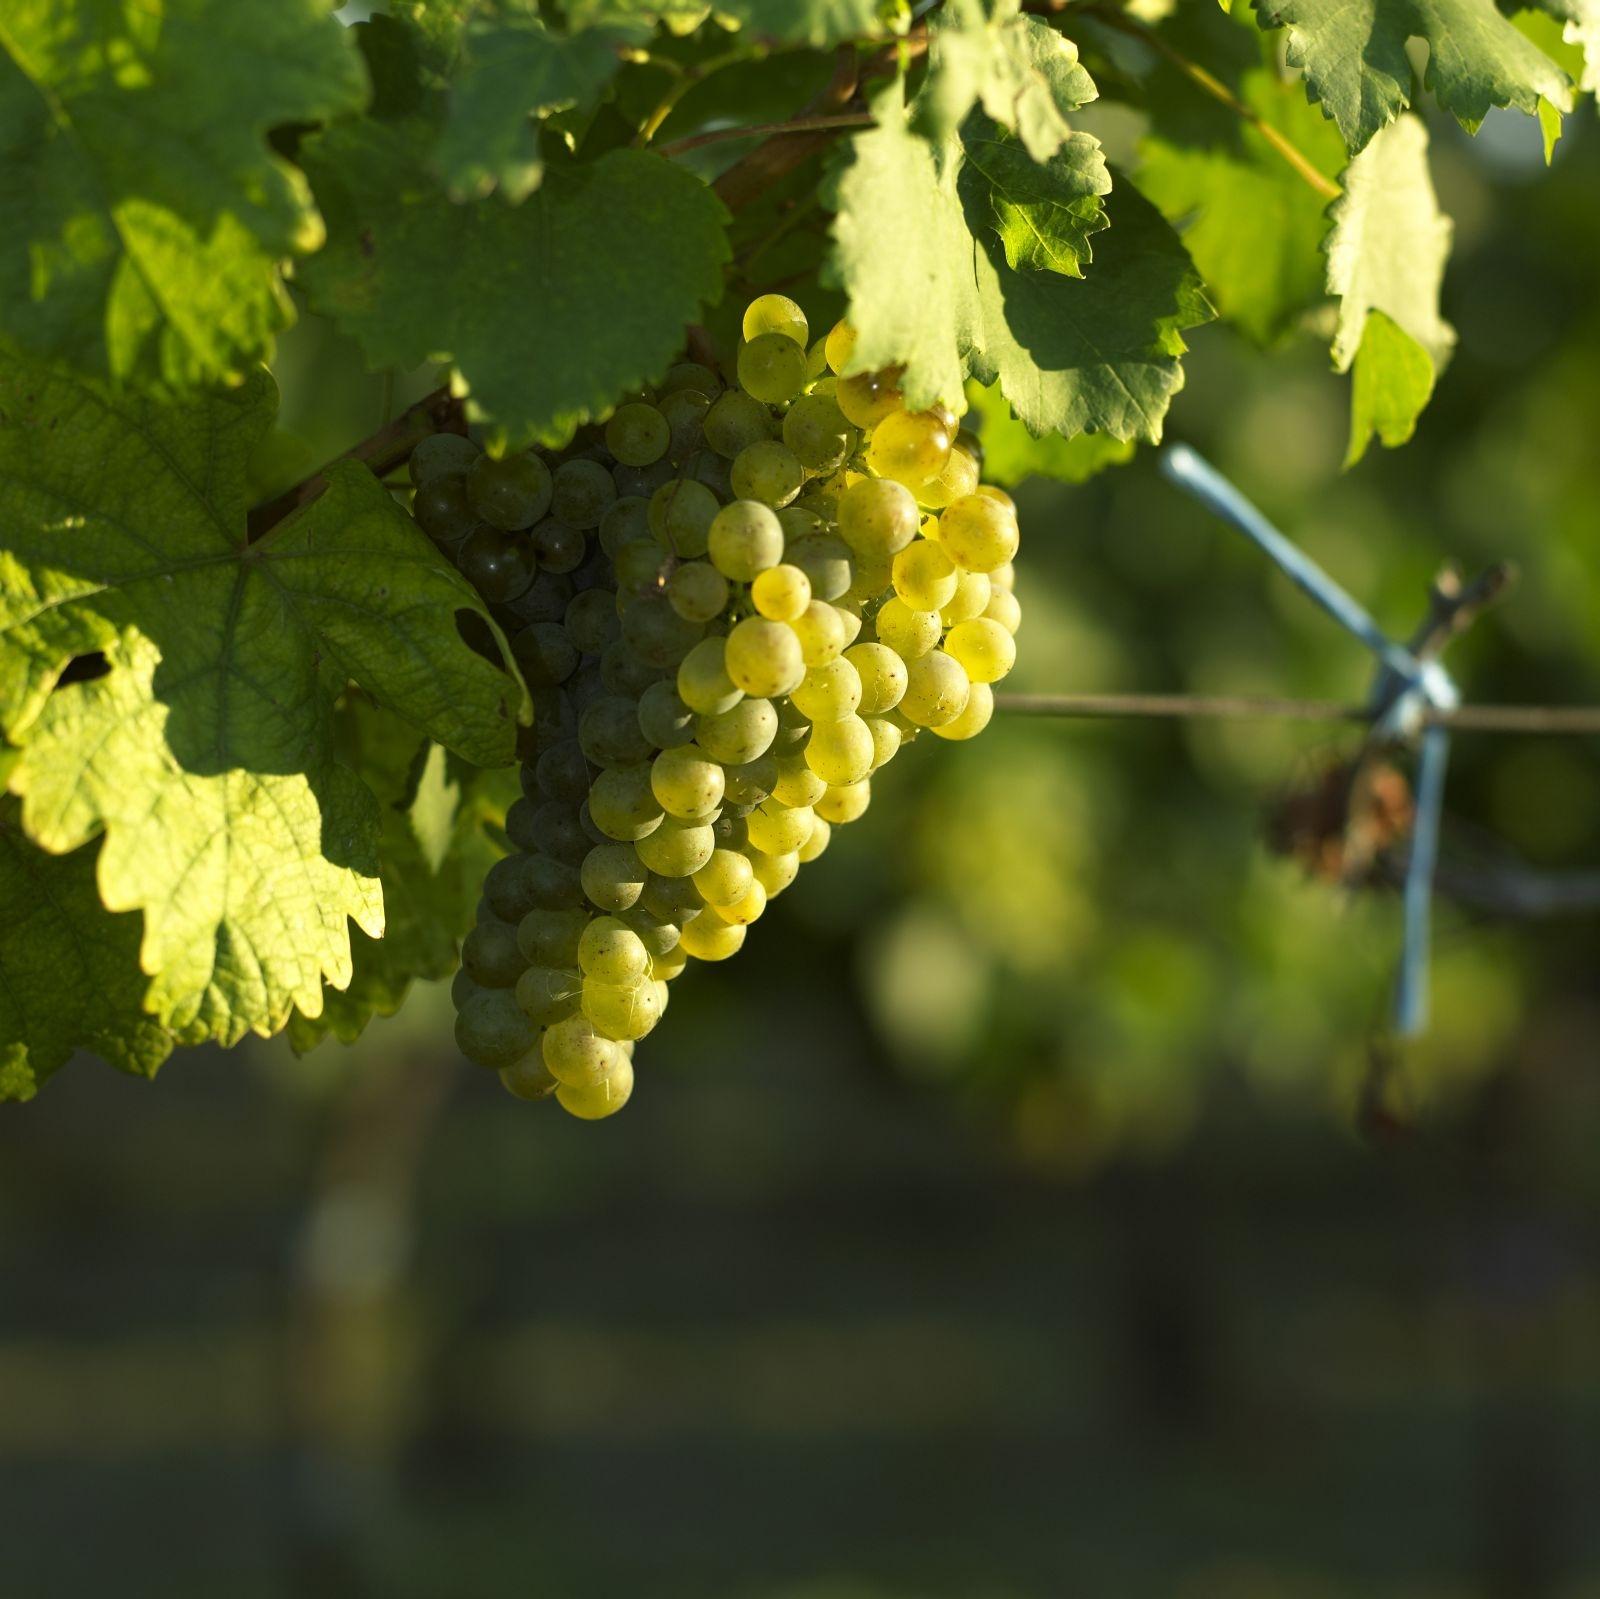 grapes-1-c-wineboard-weinviertel-a-haiden